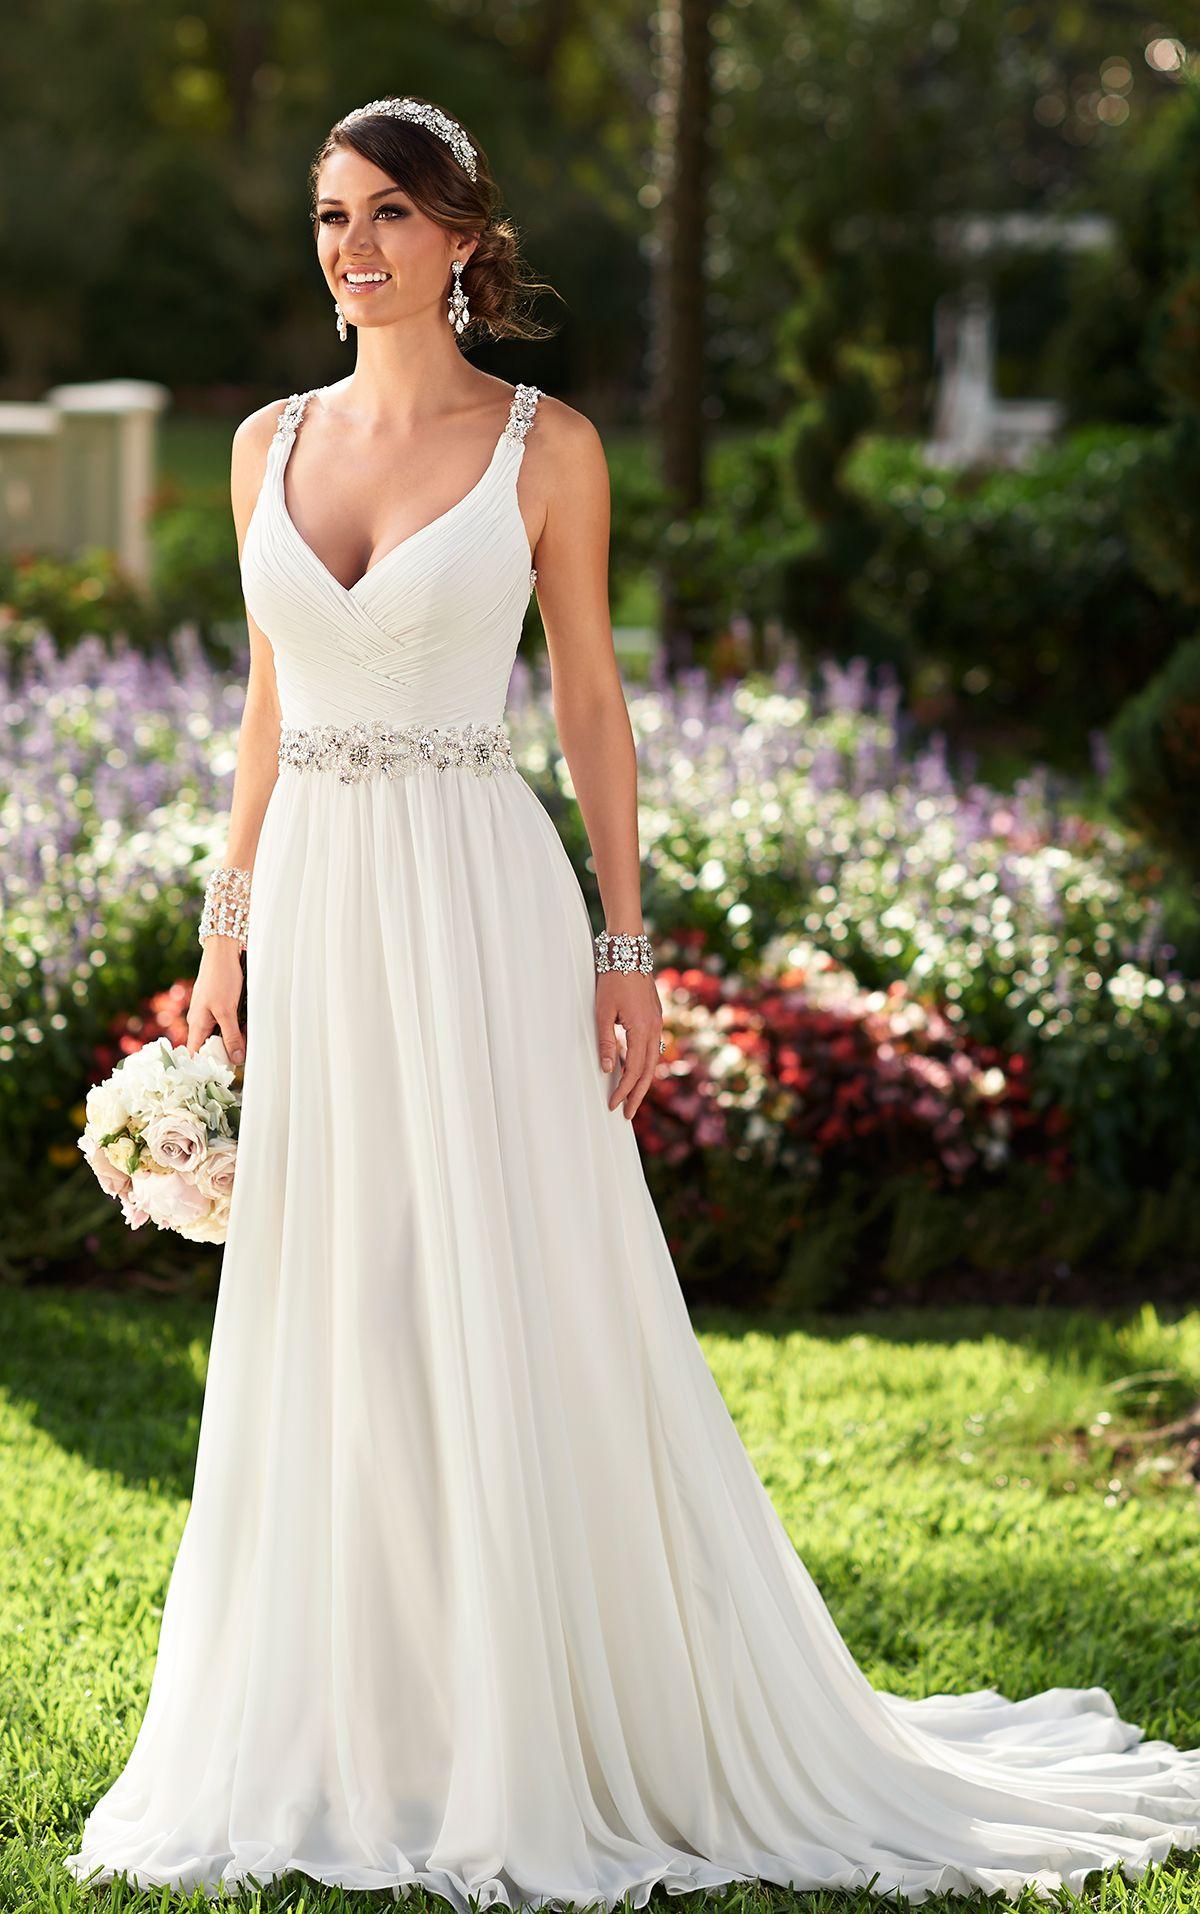 Wedding dresses beach  Flowy Grecian Bridal Gown with Sparkly Belt  Wedding dresses